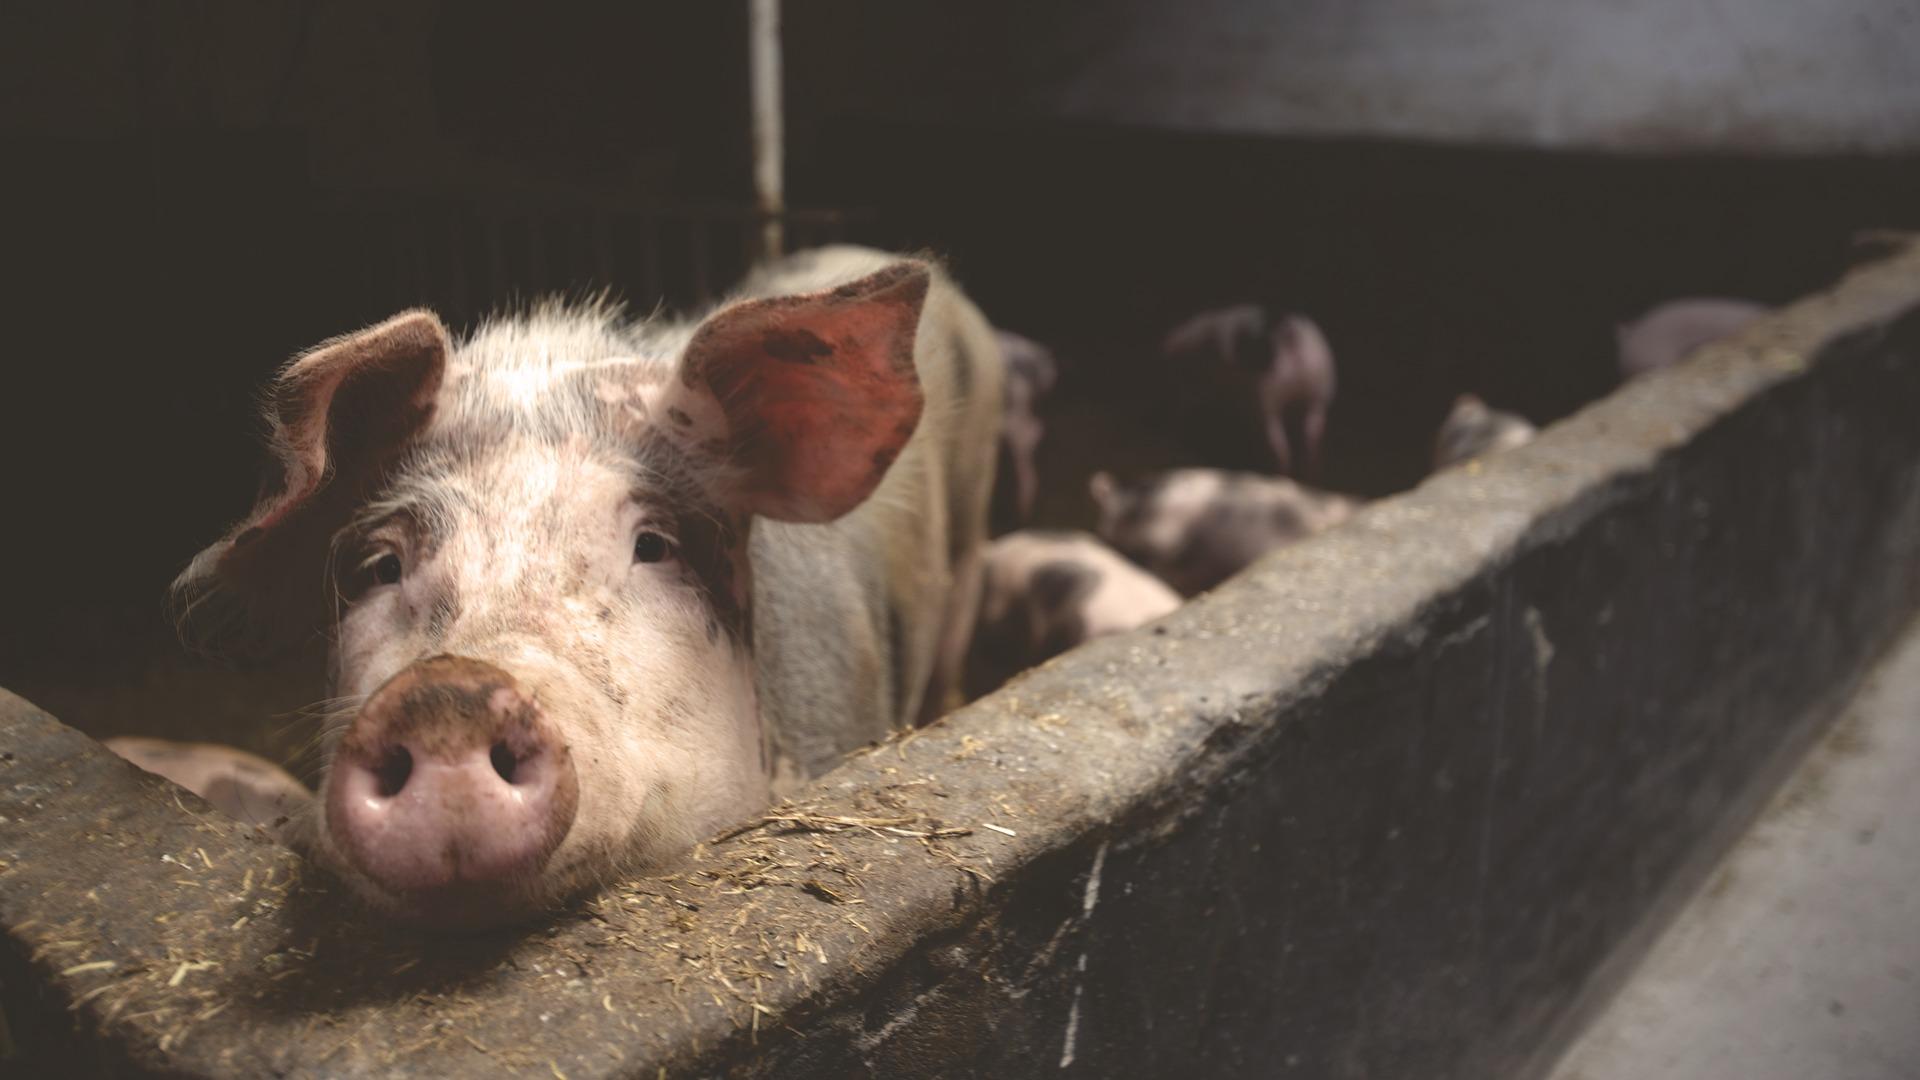 swinery_beef_farm-solution